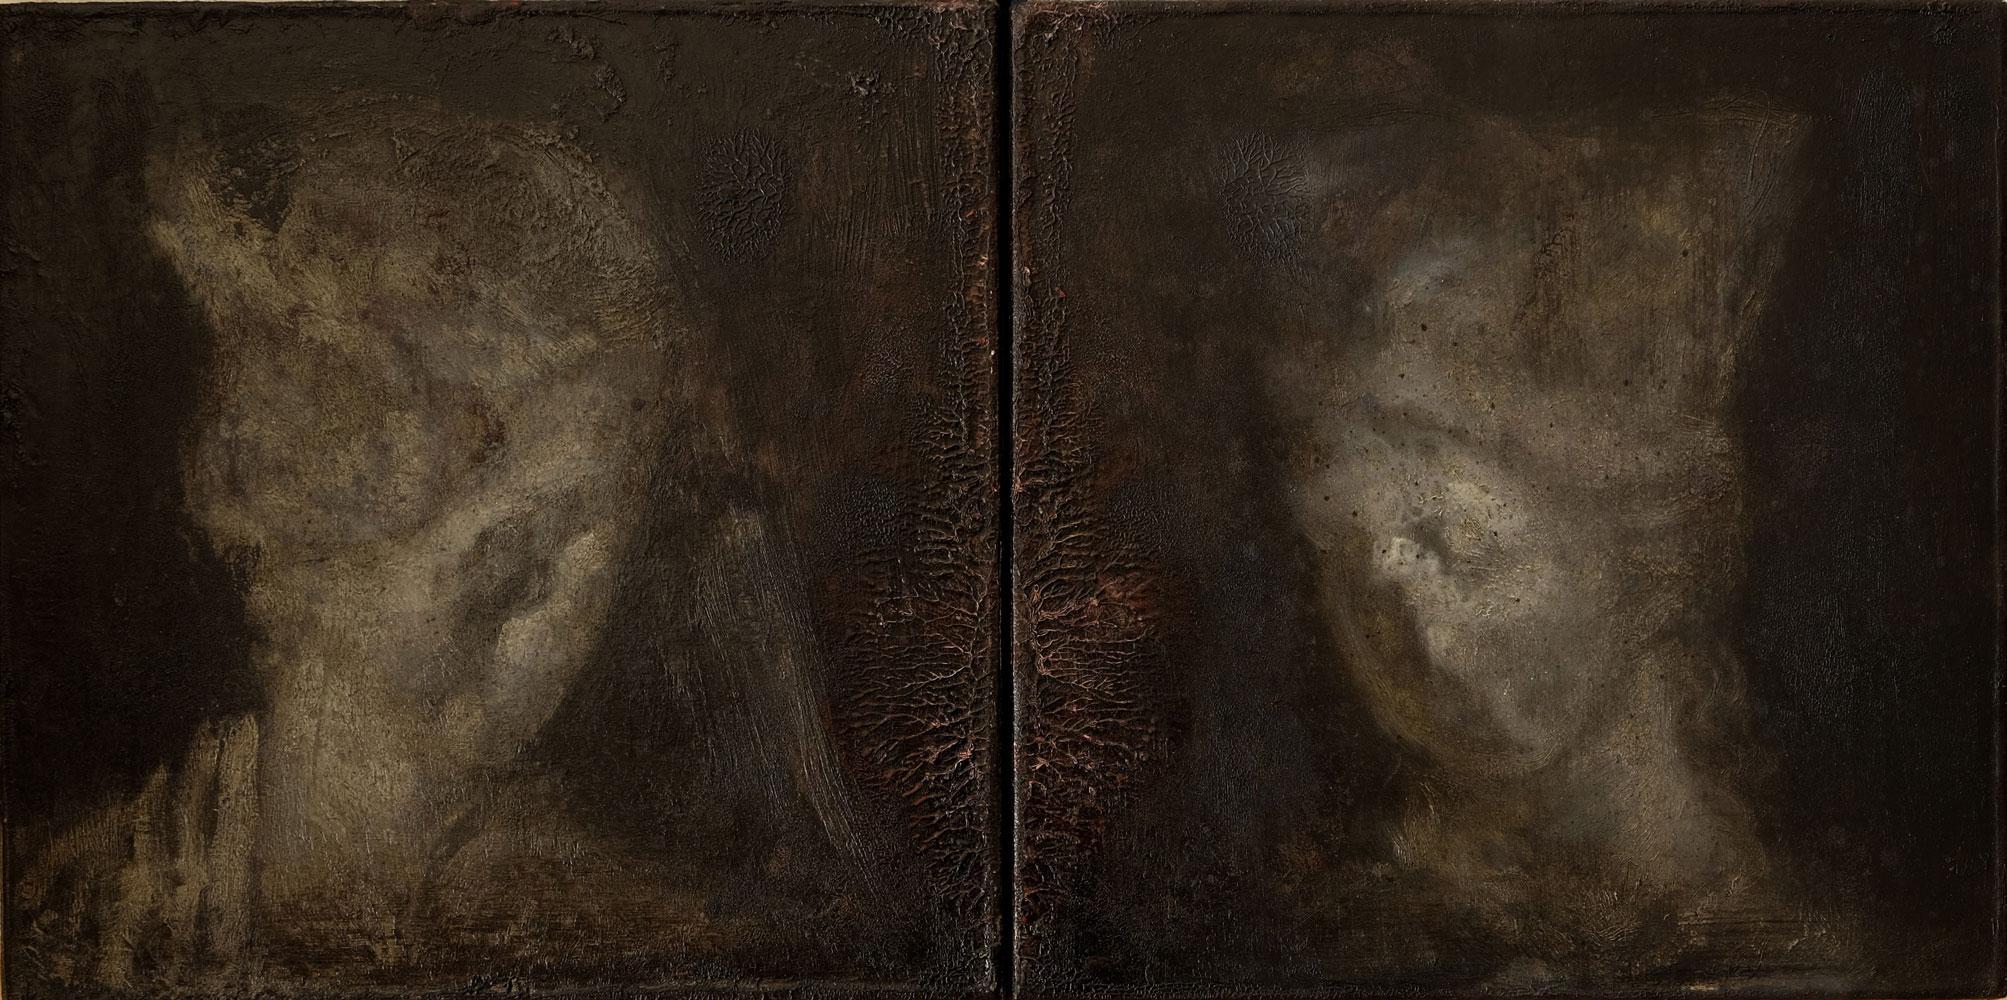 Öl auf Leinwand, jeweils 30 cm x 30 cm, 2017